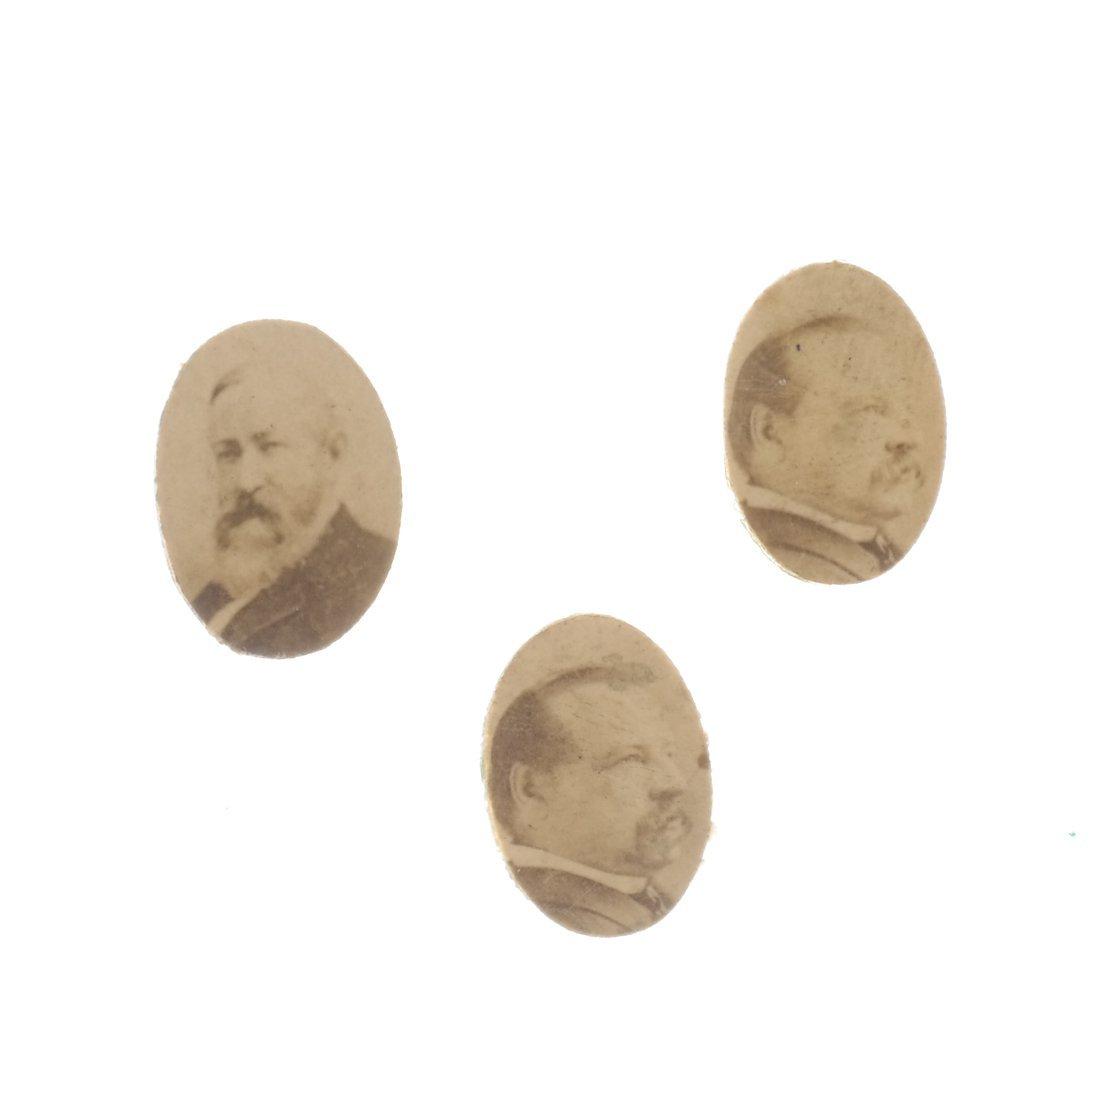 Miscellaneous 1892 Albumen Prints & Badges - 5